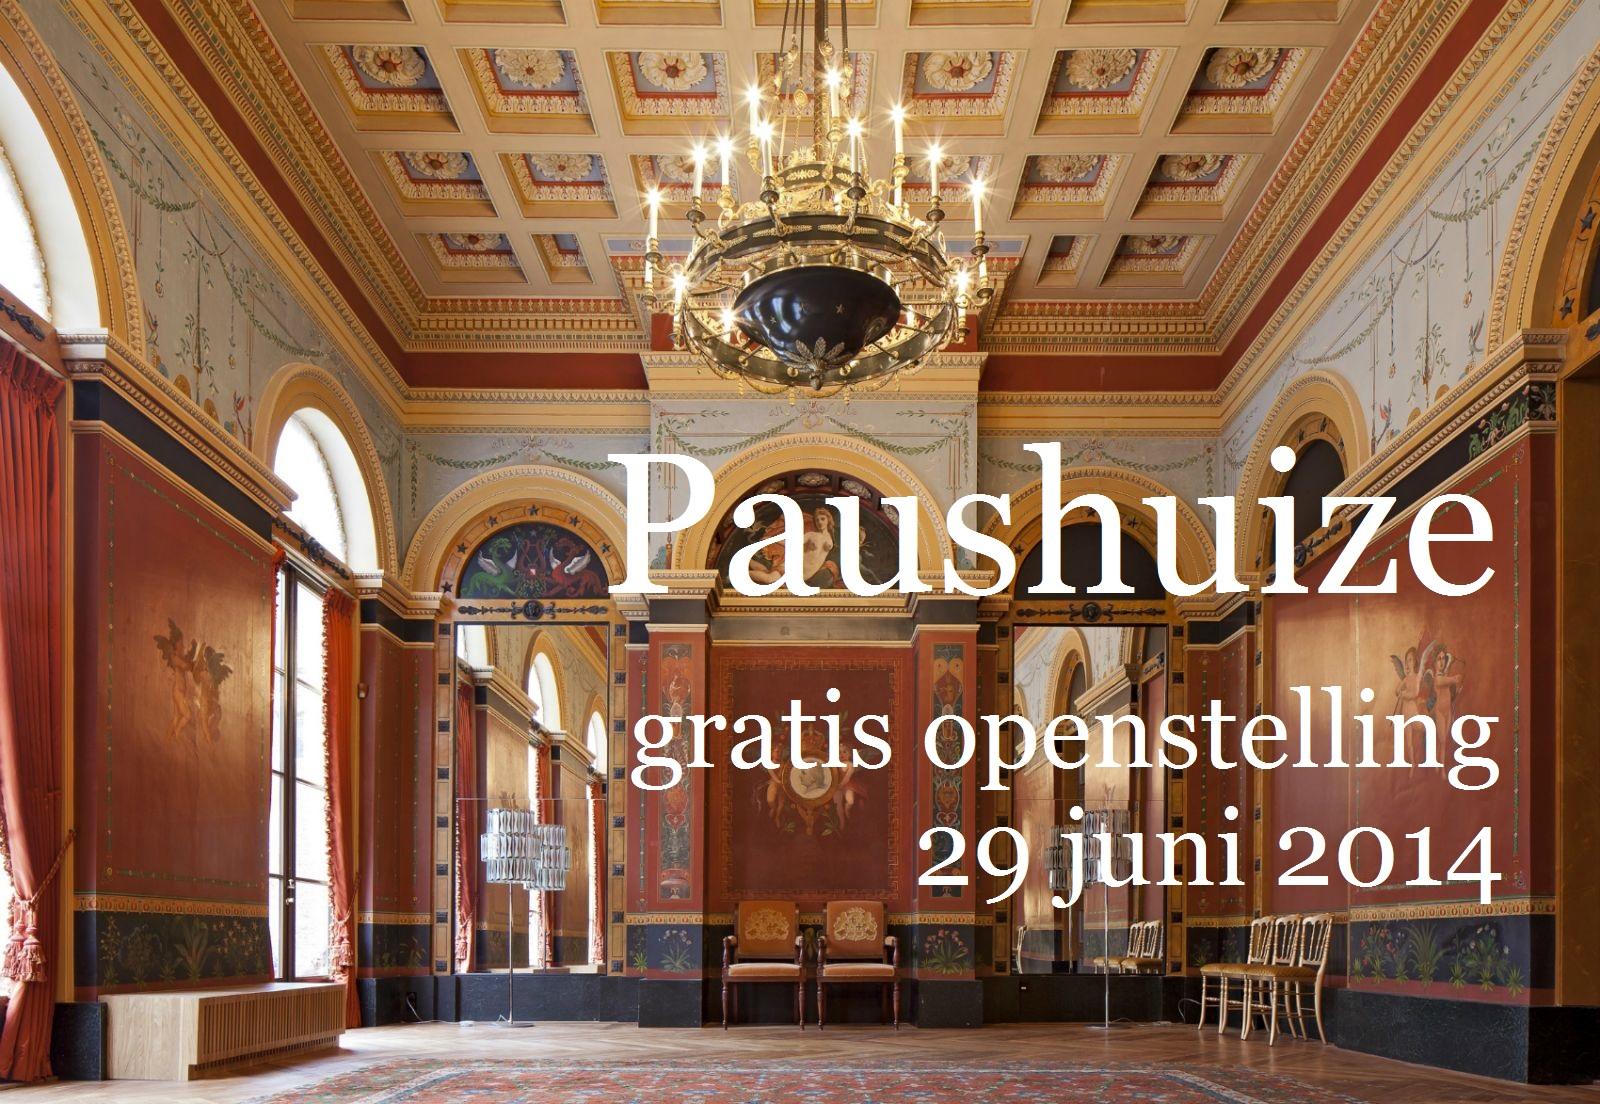 Paushuize 29 juni